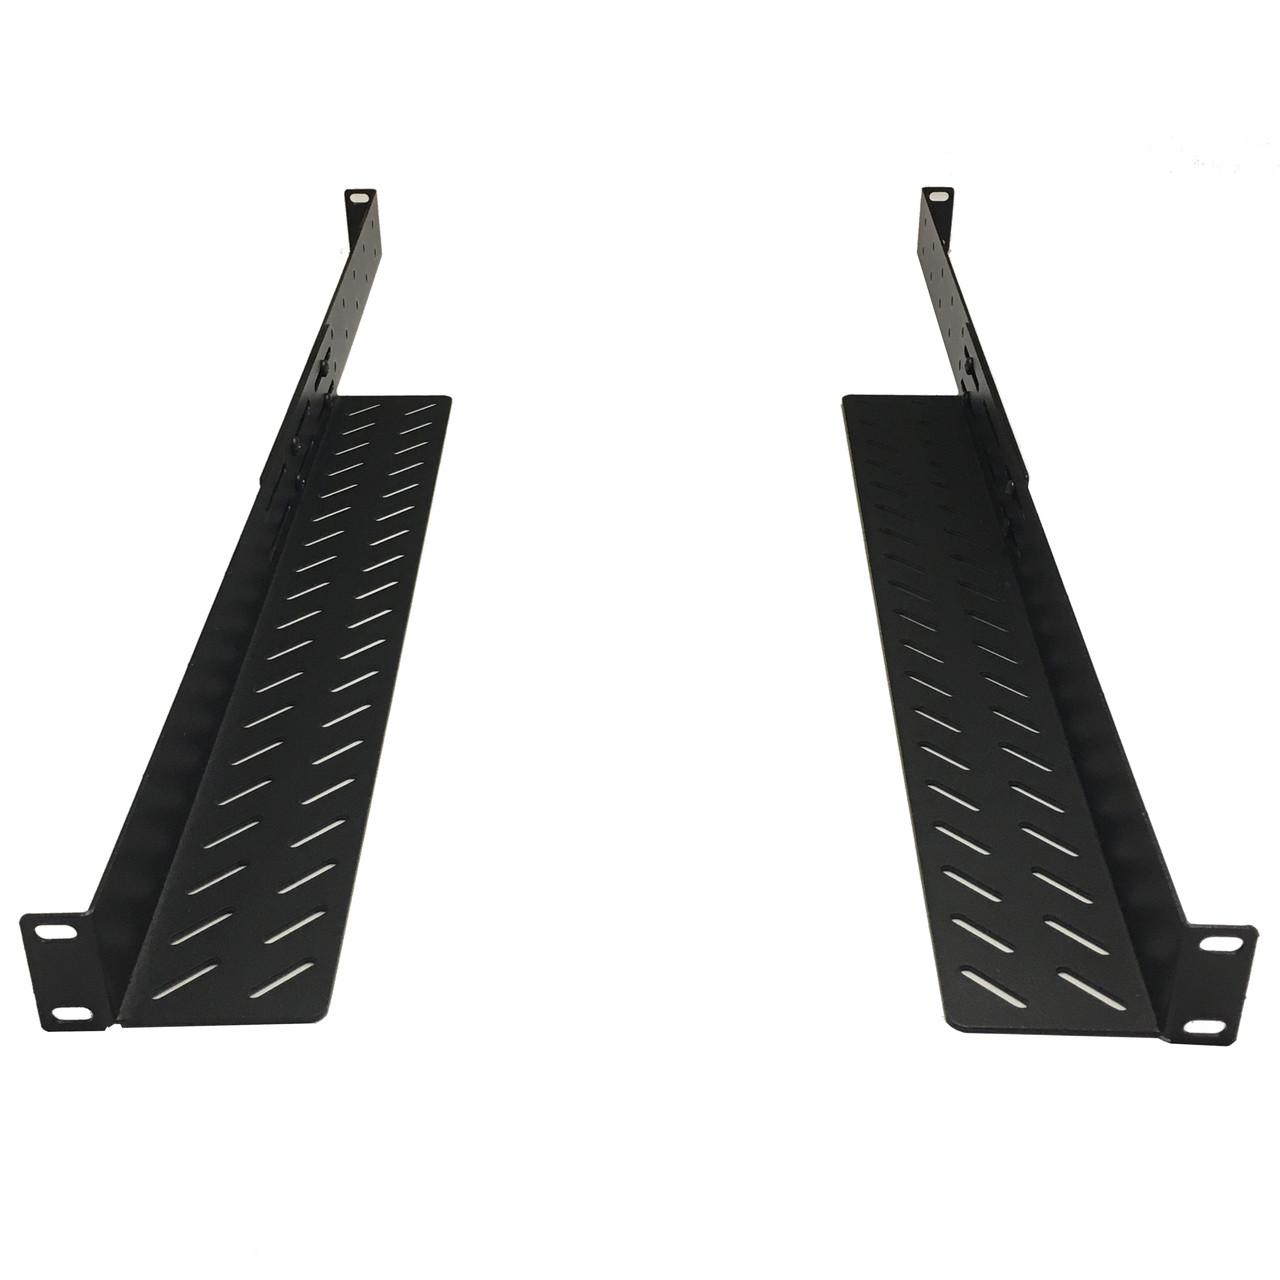 1u Adjustable Angle Brackets 20 35 Deep